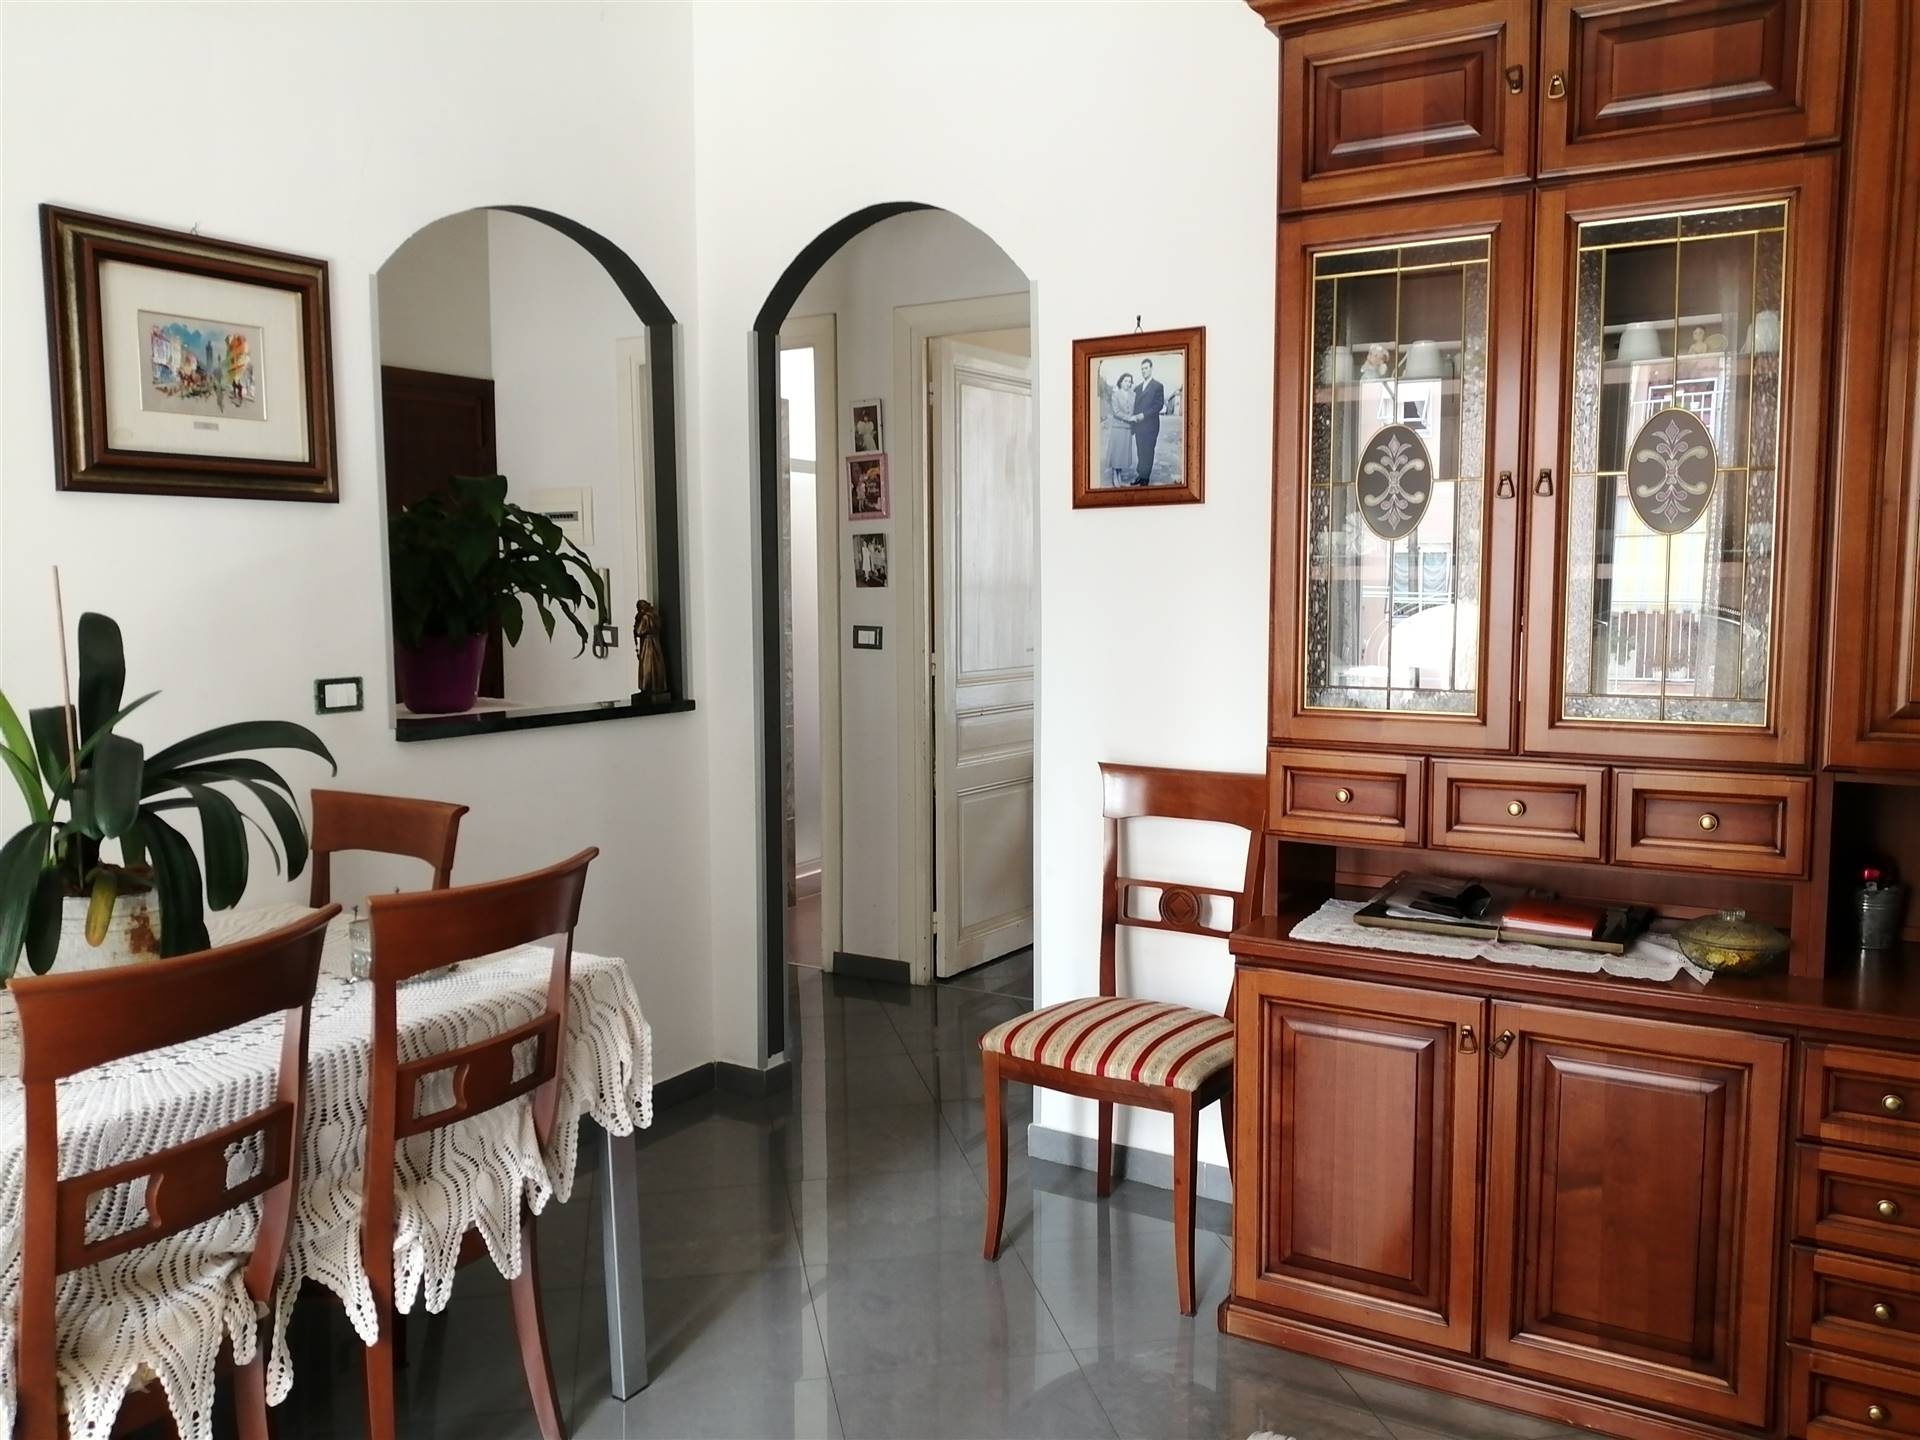 Appartamento in vendita a Vallecrosia, 3 locali, prezzo € 220.000 | CambioCasa.it